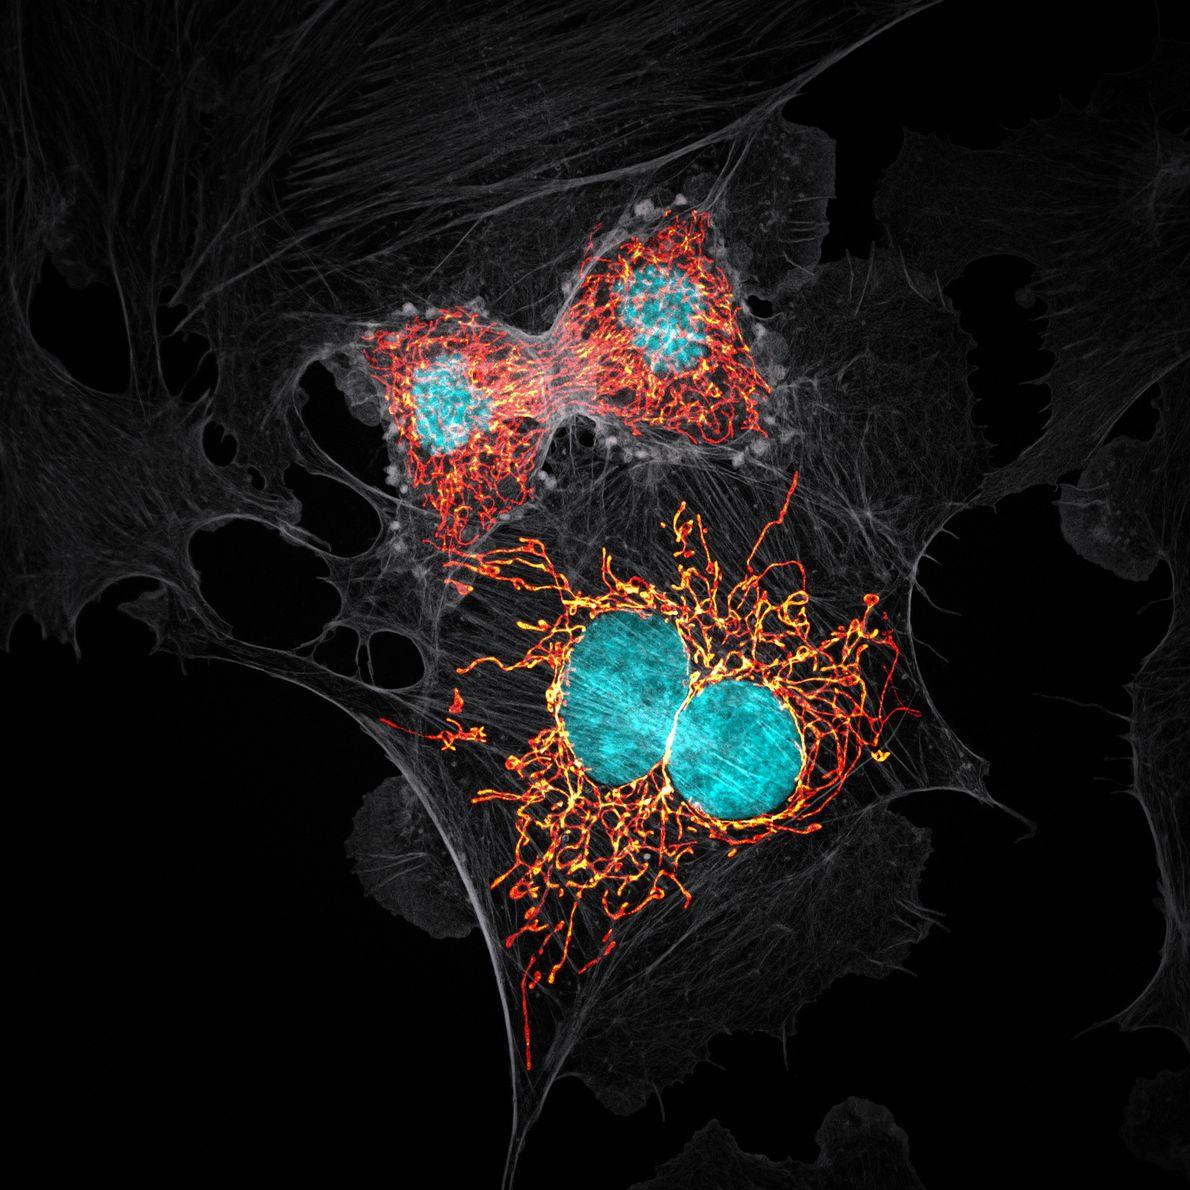 Em 1979, os pesquisadores cultivaram células extraídas da artéria pulmonar de uma novilha, produzindo uma linhagem ...